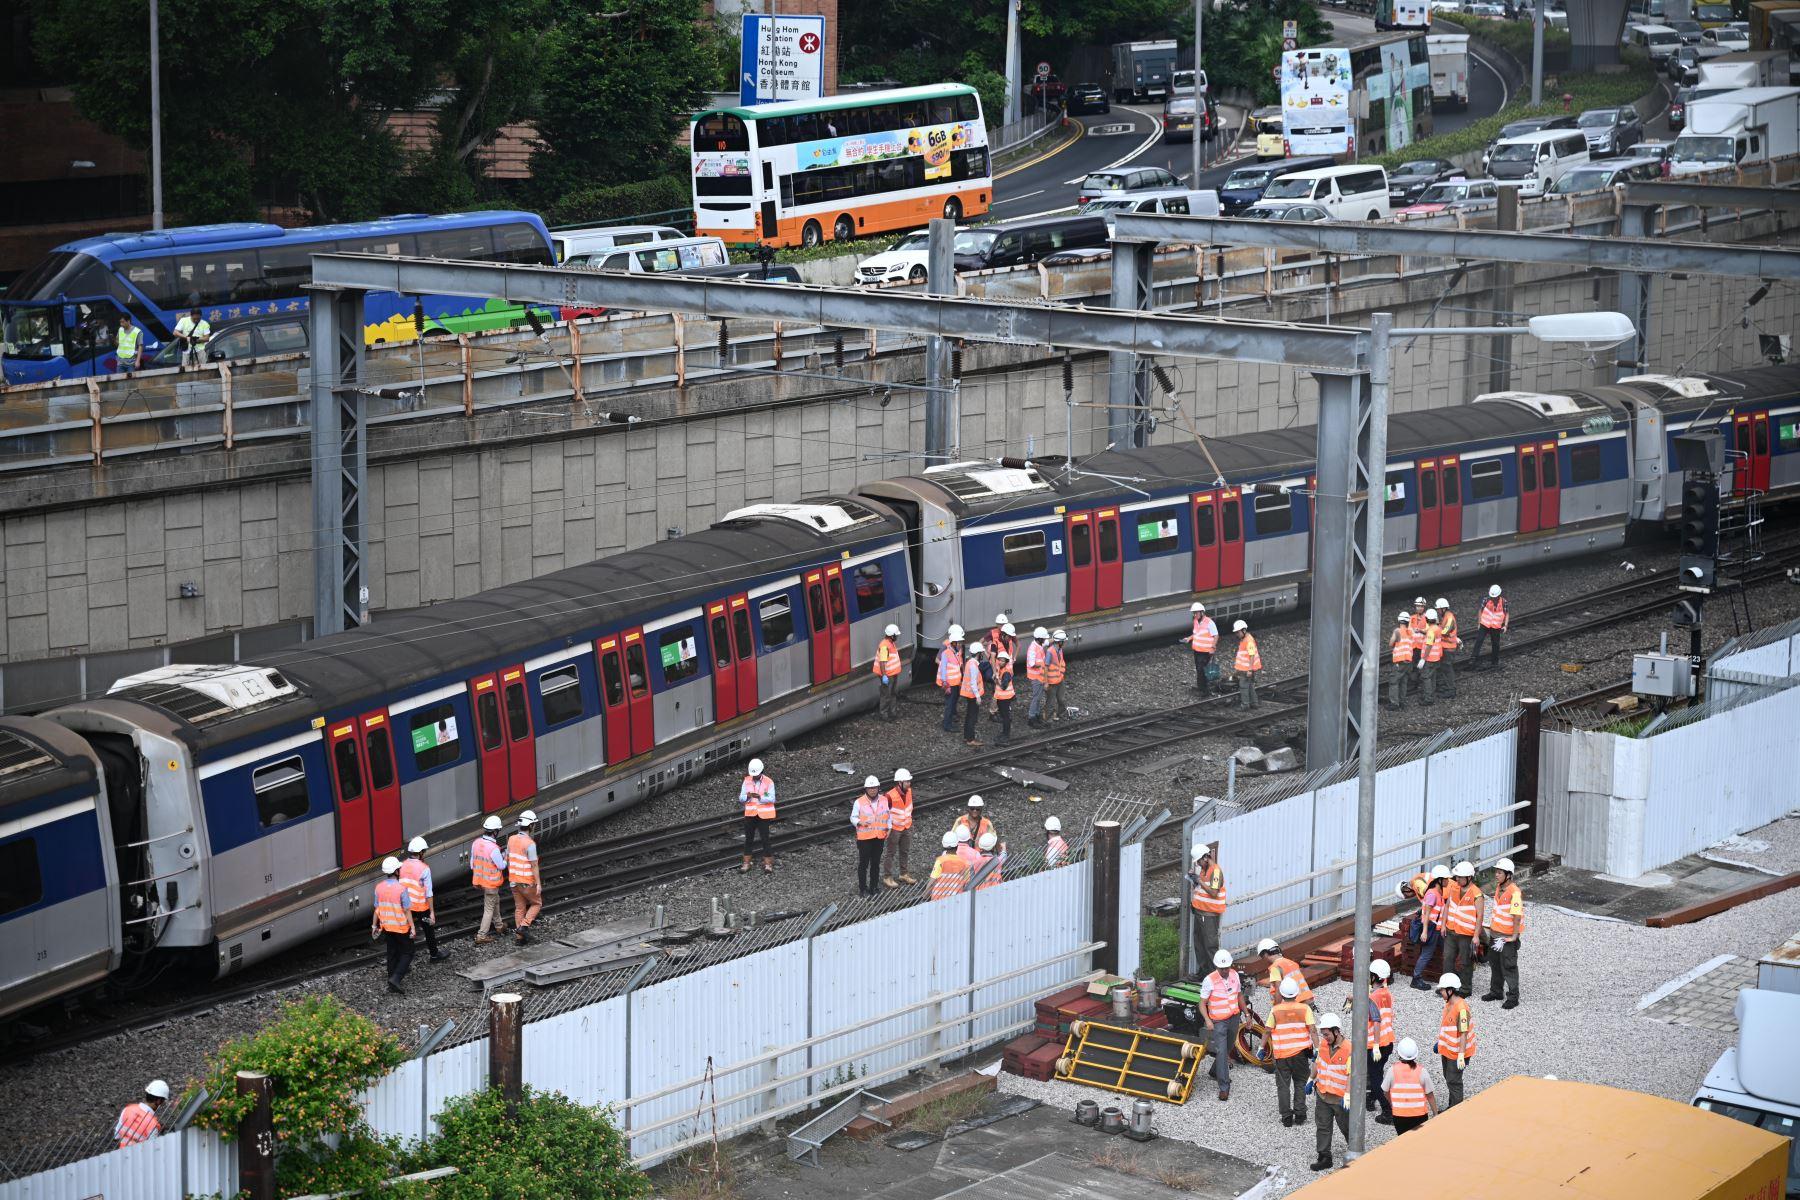 Los pasajeros tuvieron que salir del tren por una puerta rota y cruzar las vías para llegar a una zona segura. Foto: AFP